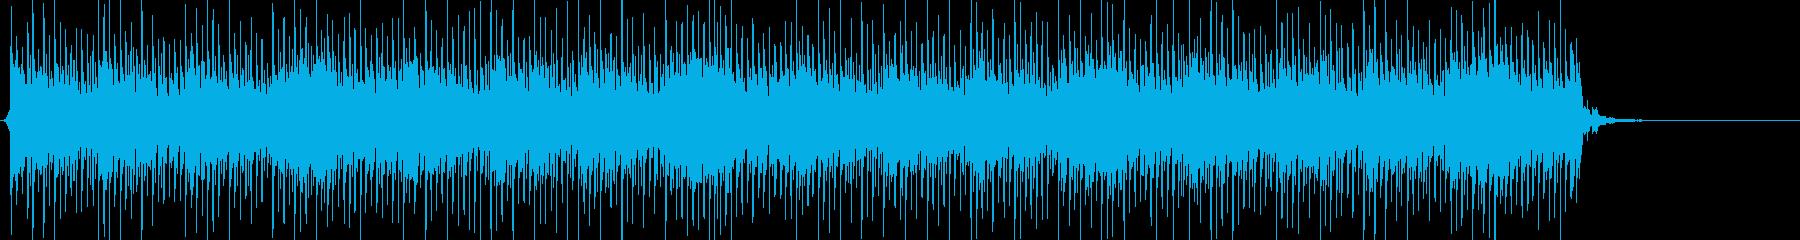 緊張感、テンポ感あるエレクトロの再生済みの波形